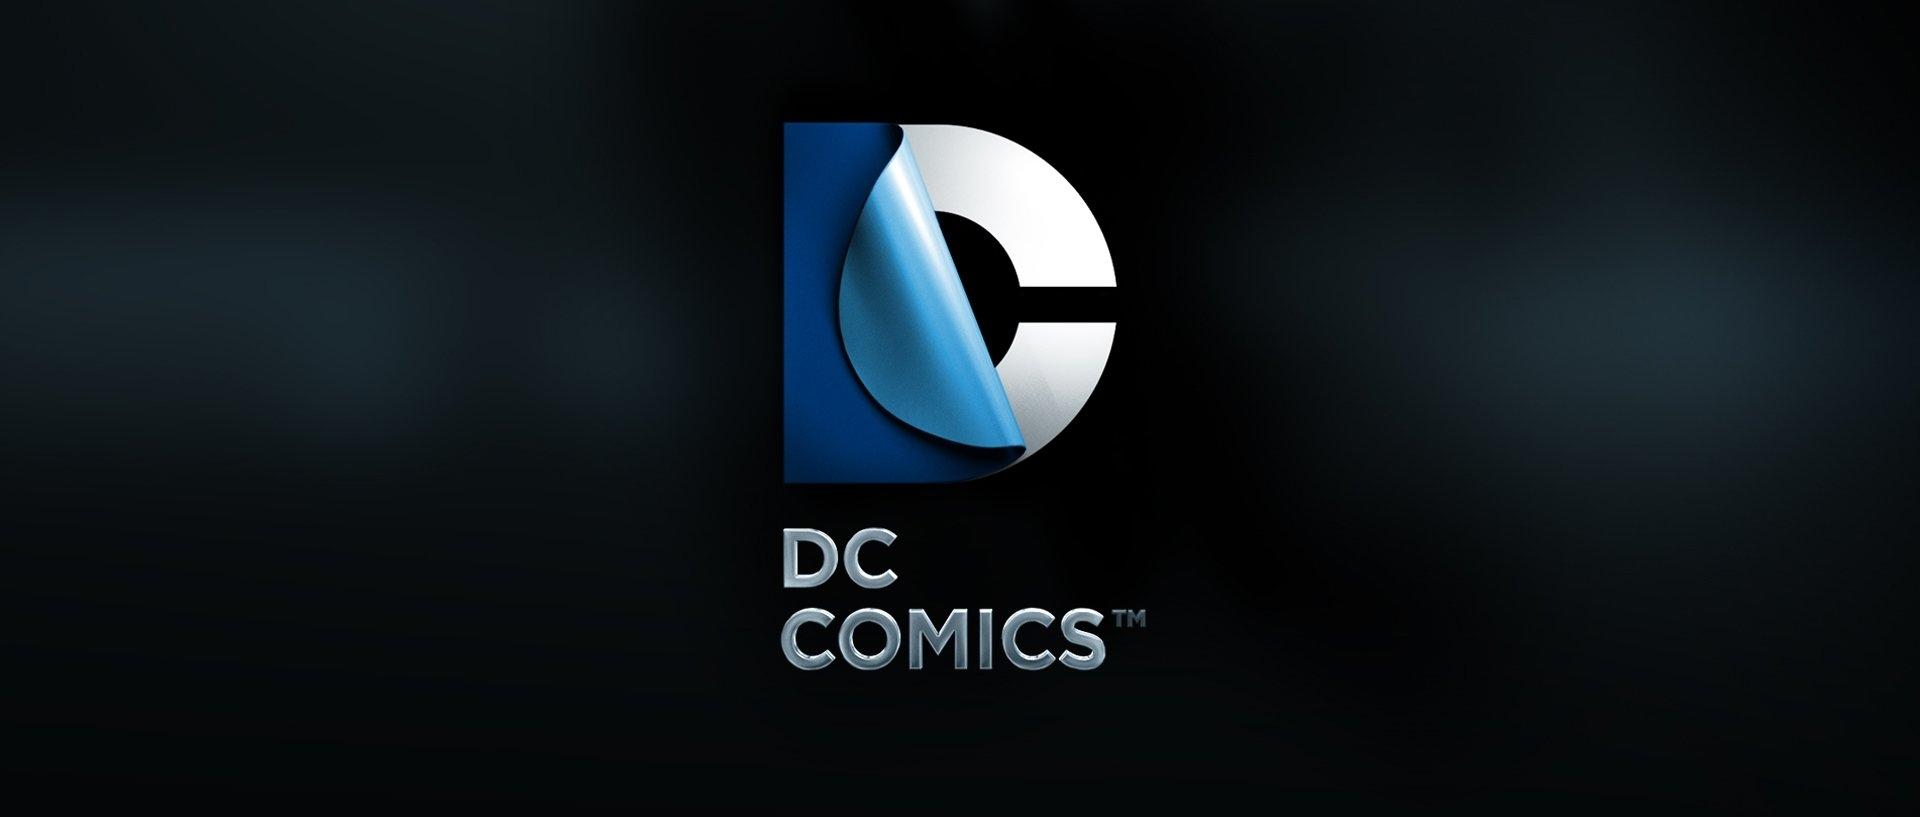 dc comics fond d'écran and arrière-plan | 1920x817 | id:532654